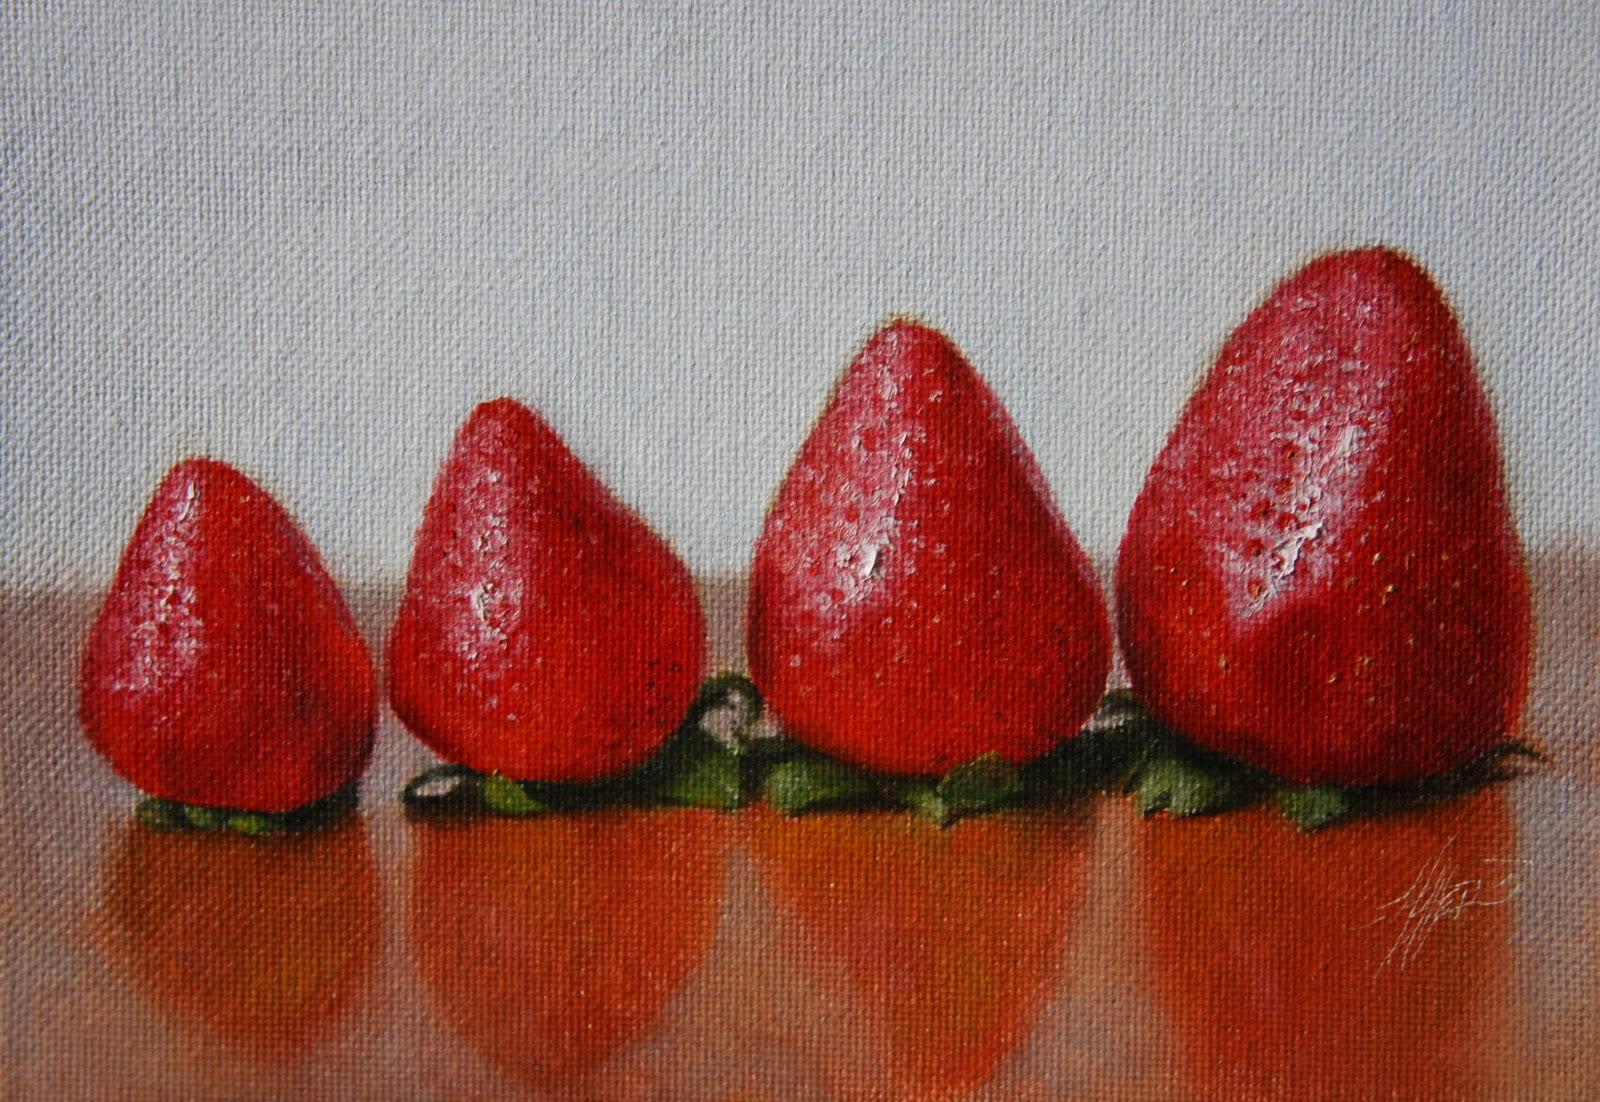 """""""Strawberries Aligned"""" original fine art by Jonathan Aller"""